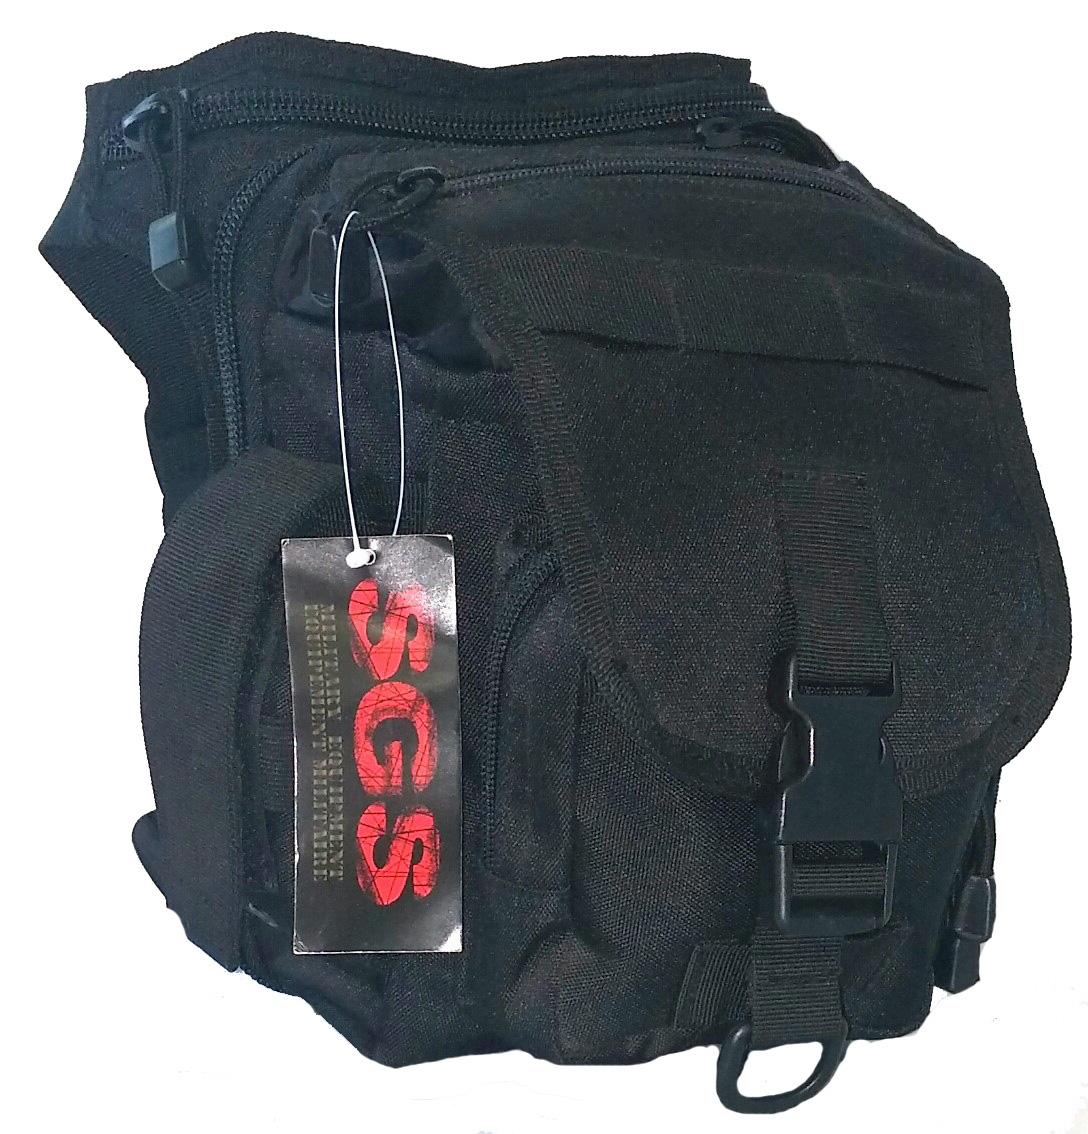 SGS Bag B680. Black